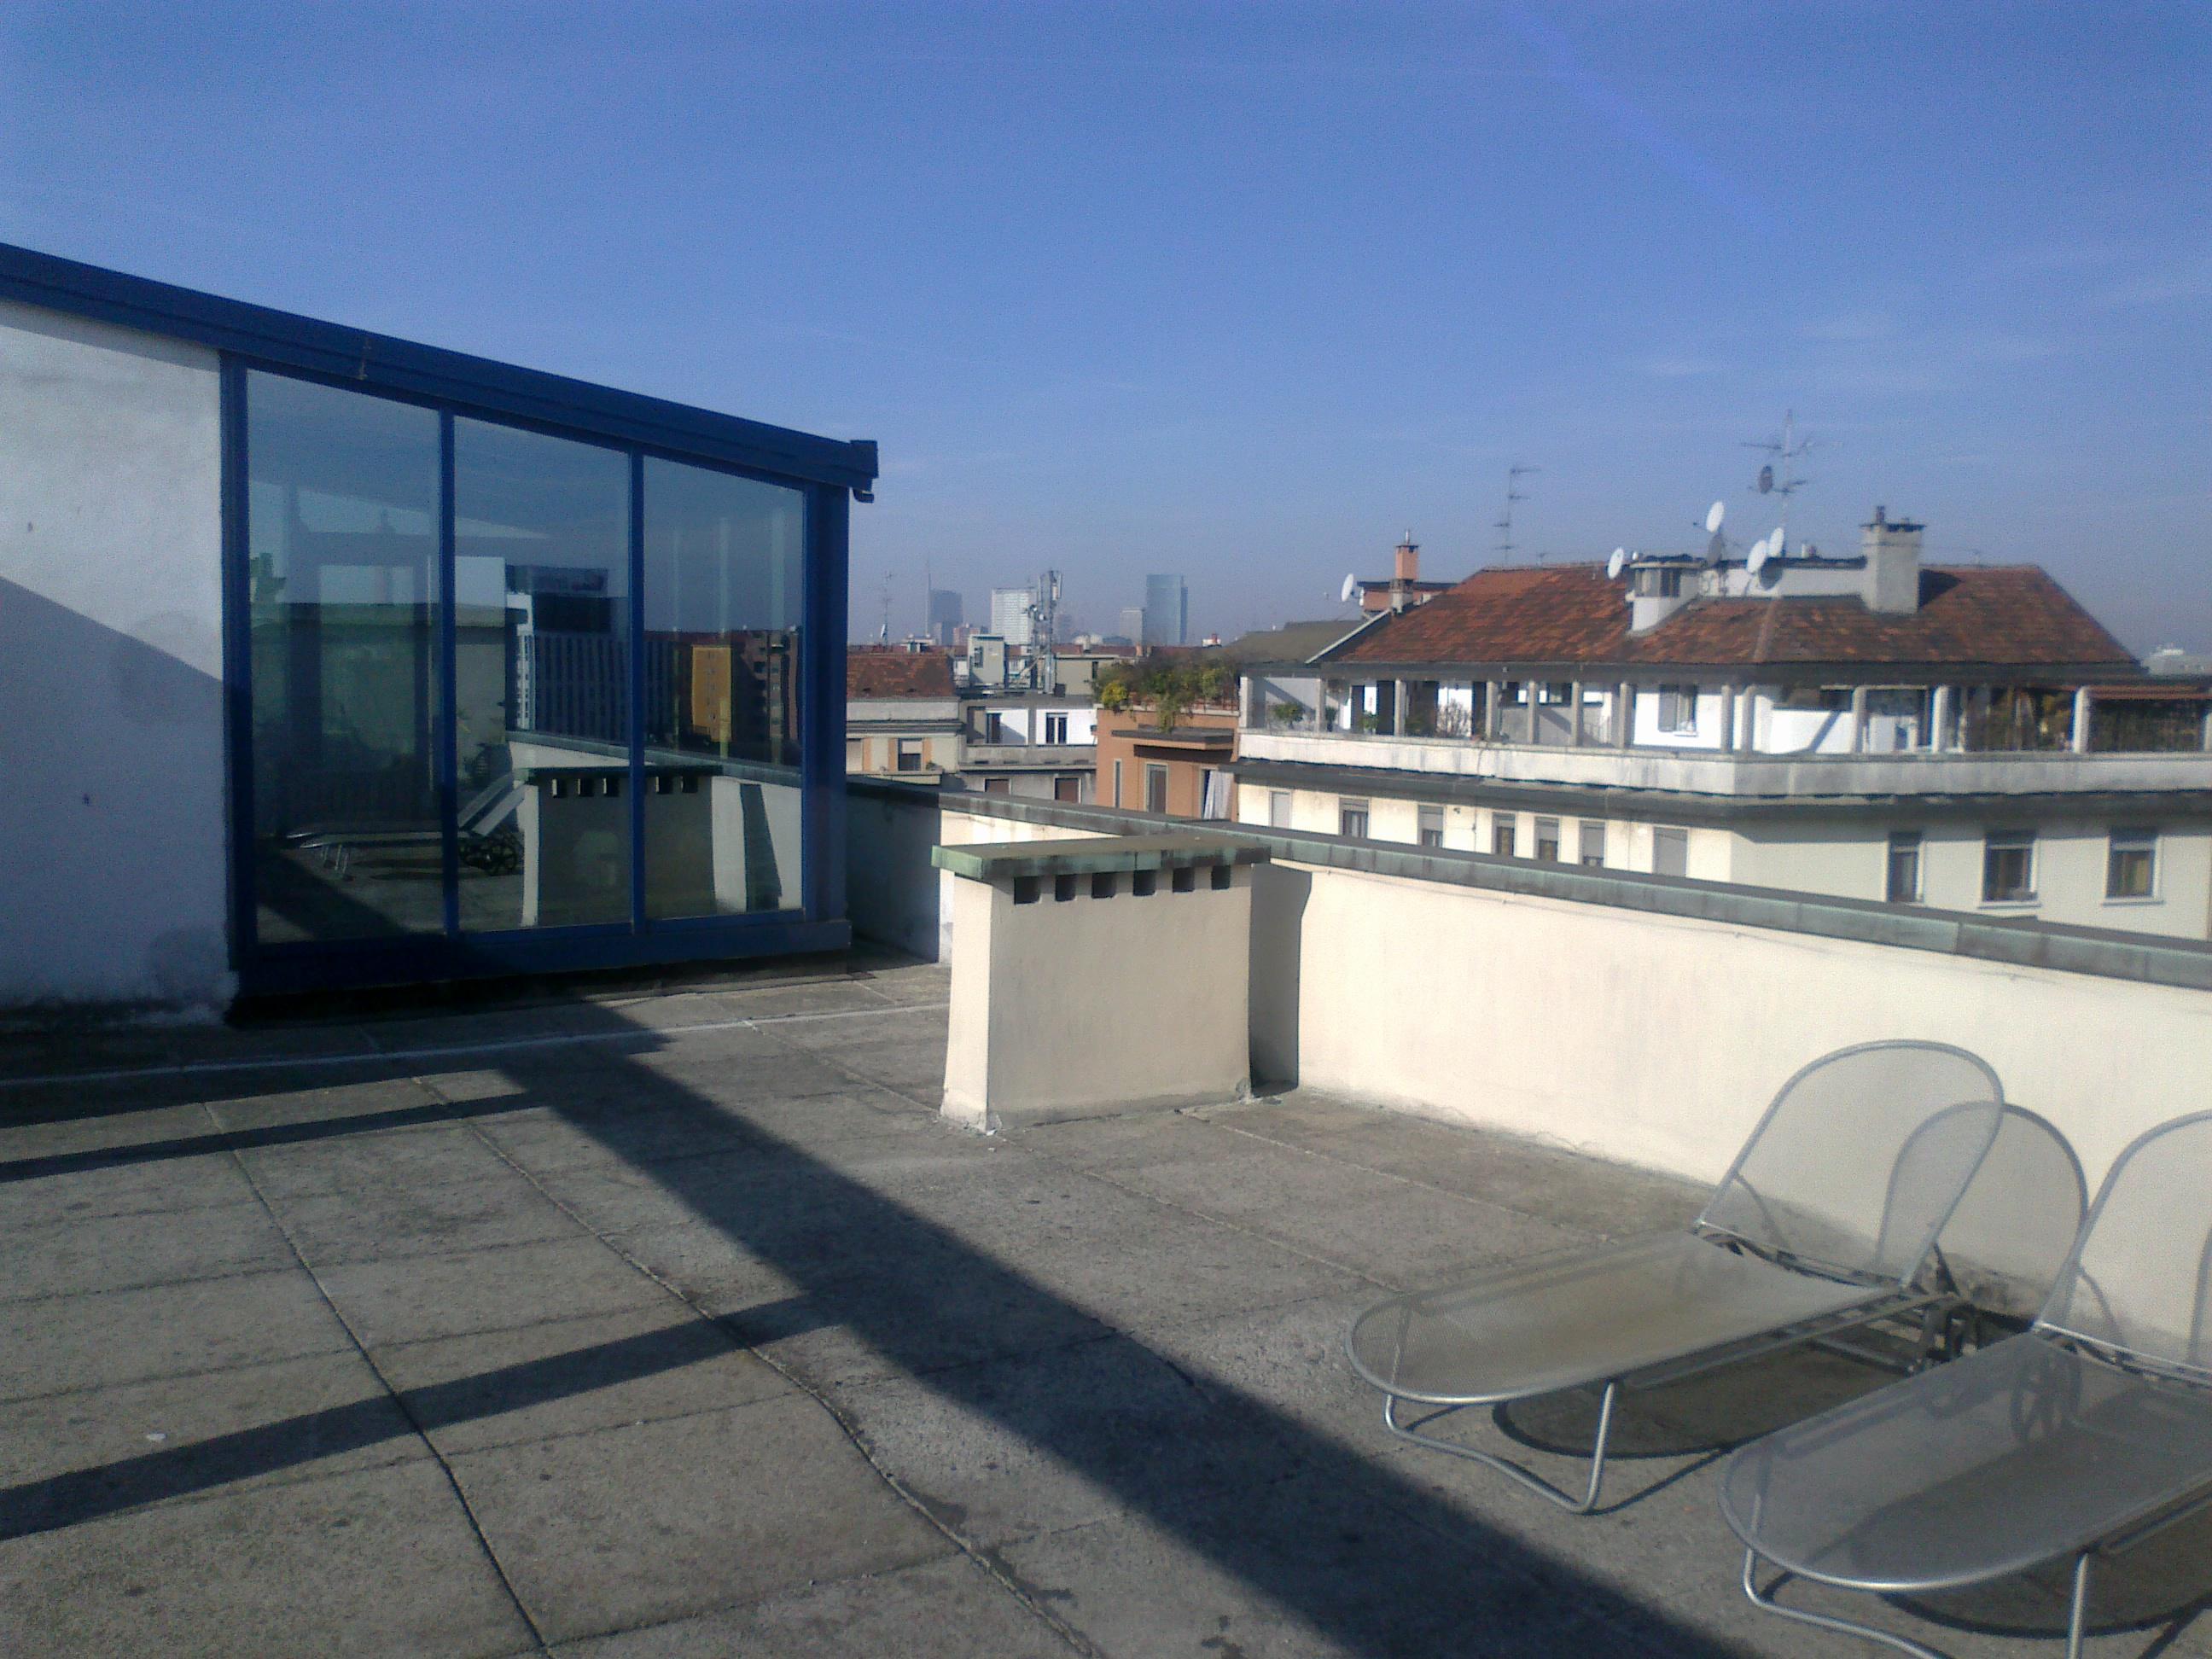 affittasi location attico a milano con terrazzo panoramico - miragu - Terrazzo Milano